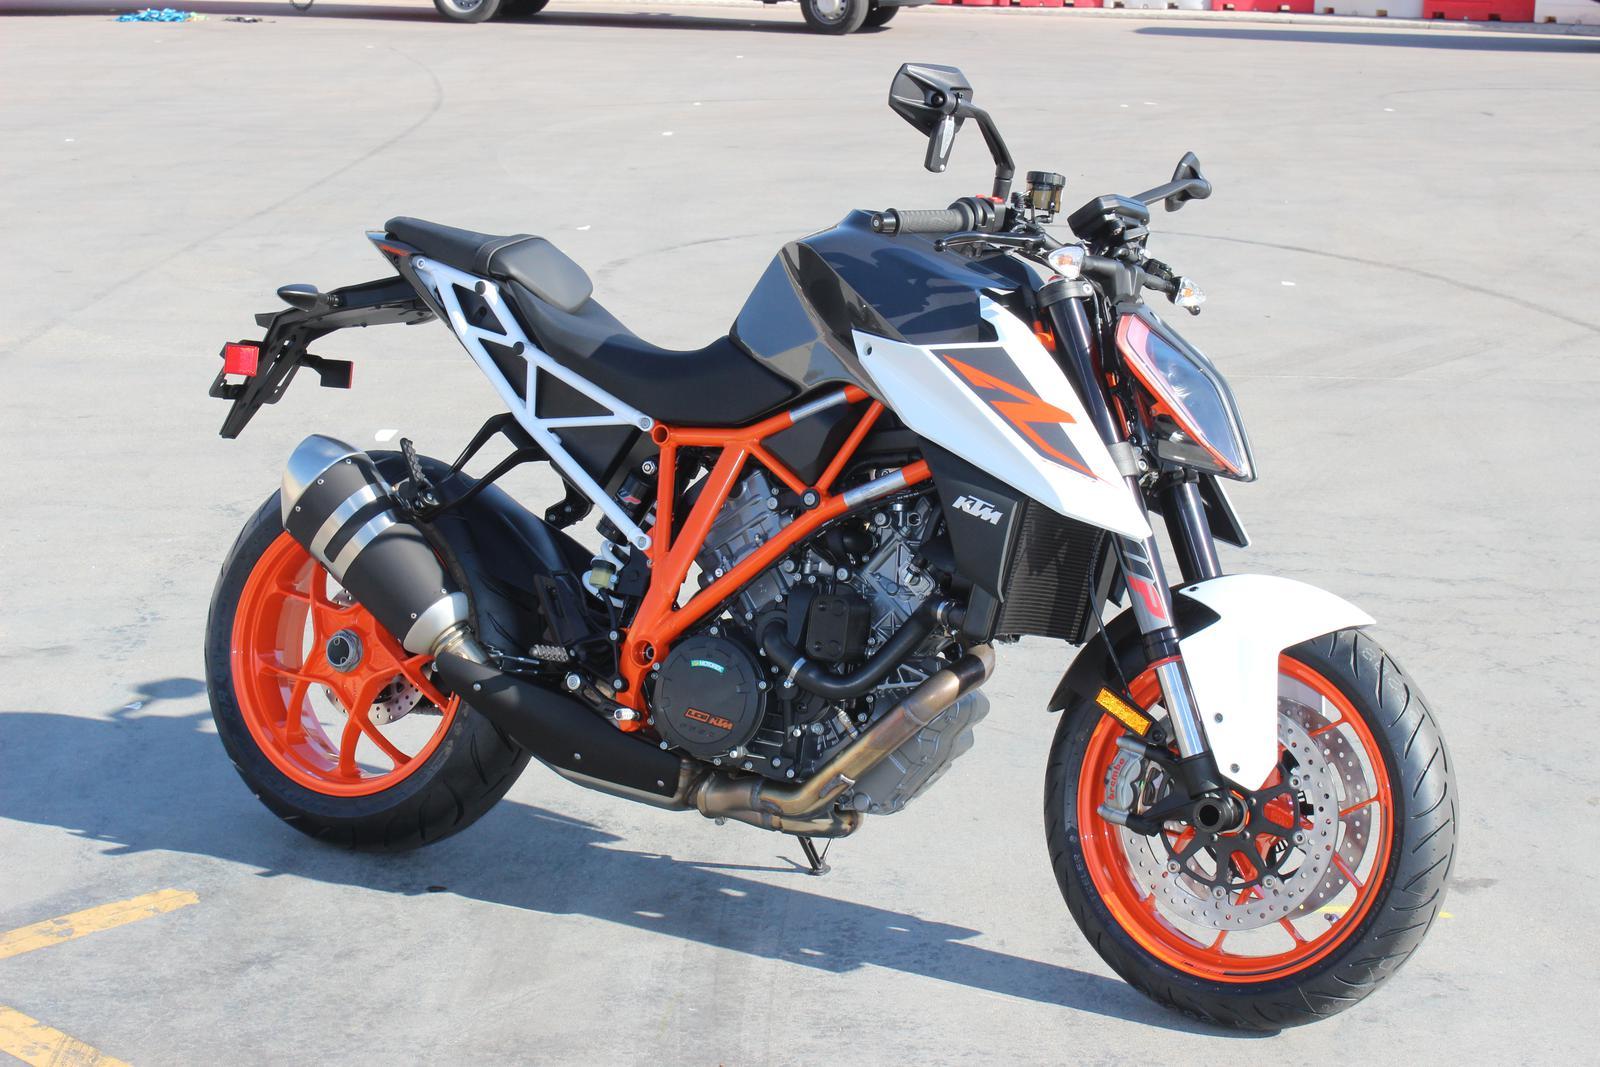 2018 KTM 1290 SUPER DUKE R for sale in Scottsdale, AZ. GO AZ Motorcycles